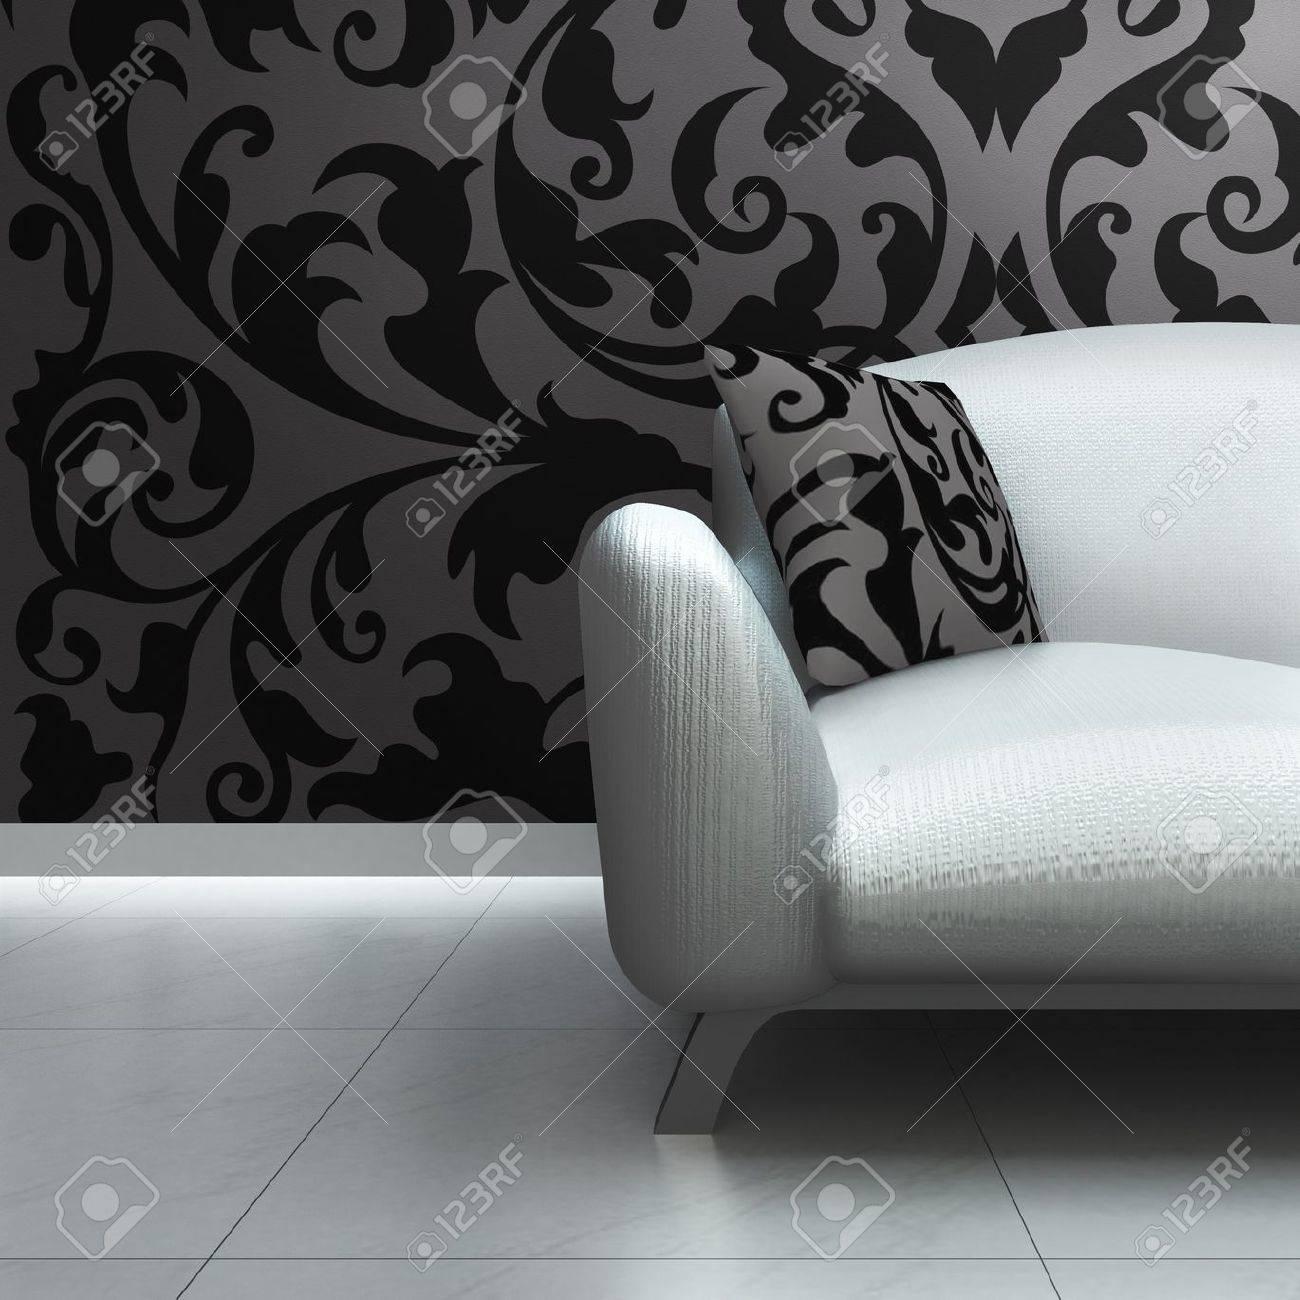 Full Size of Luxus Sofa Ein Zeitgenssischer In Einem Innenraum Lizenzfreie Big Grünes Weißes Höffner Chesterfield Online Kaufen Modulares Weiß Grau Lagerverkauf Mit Sofa Luxus Sofa